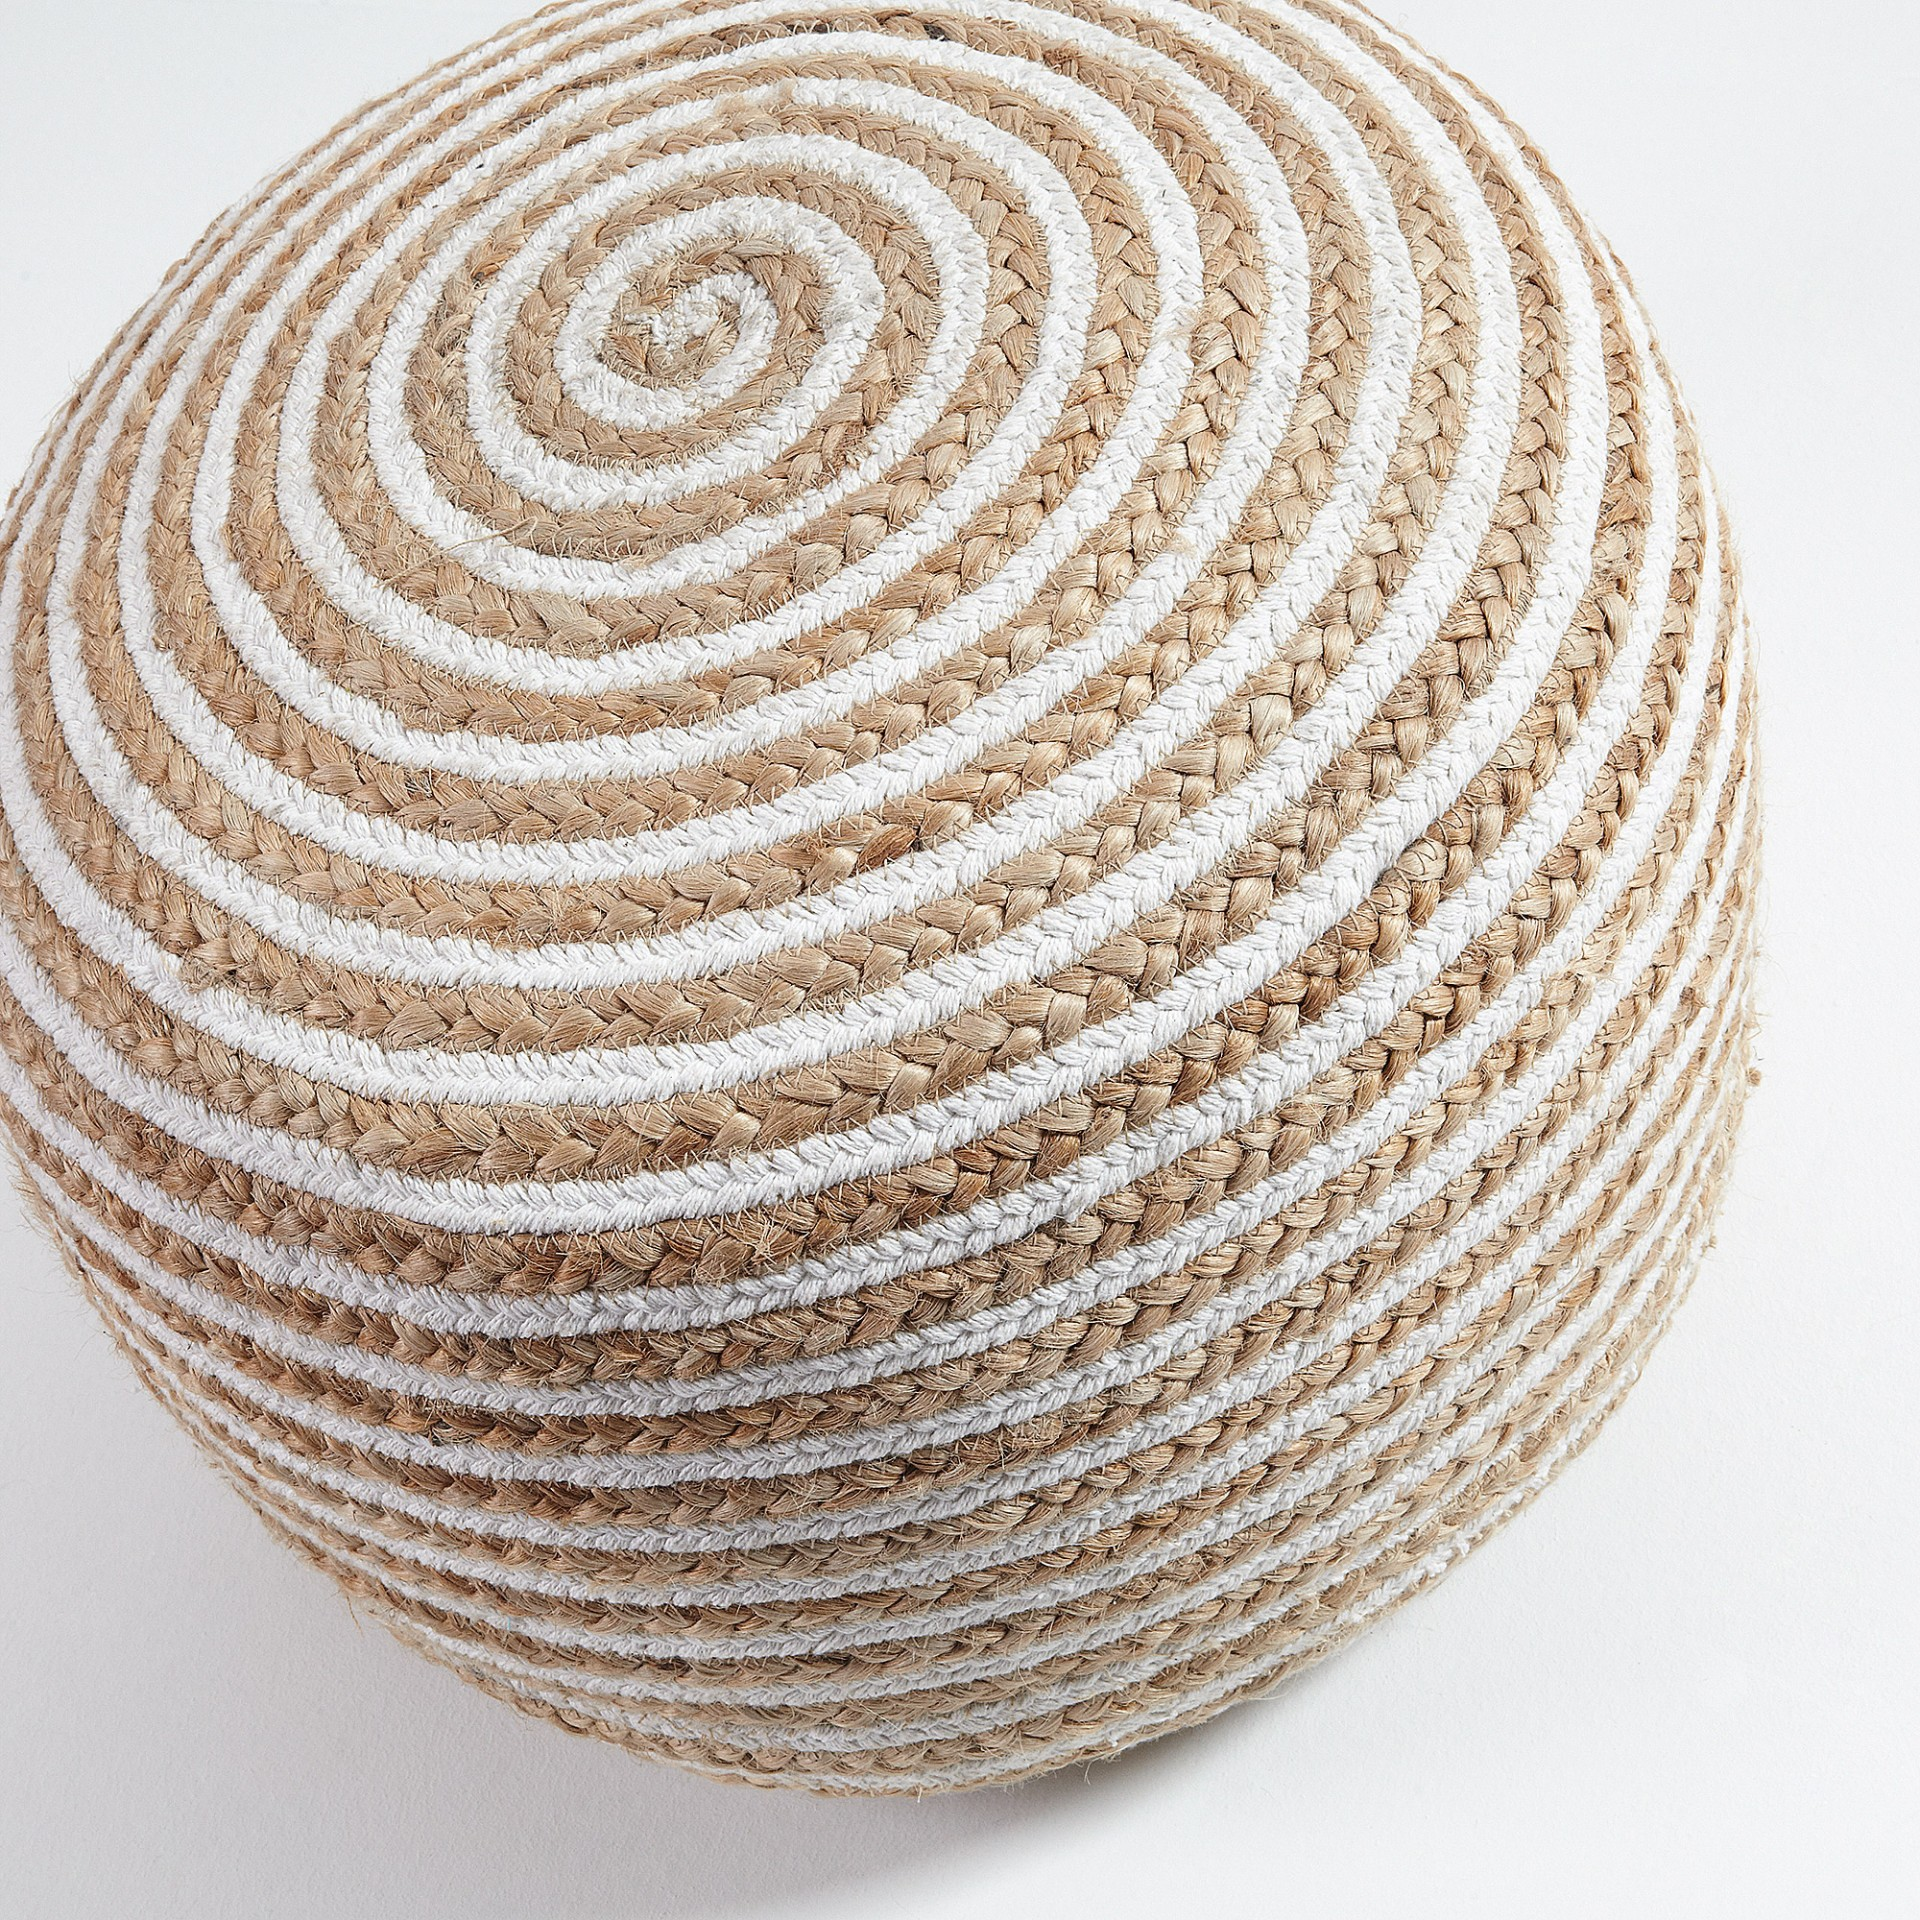 Pufe Sarah, listrado em juta/algodão, Ø50x35